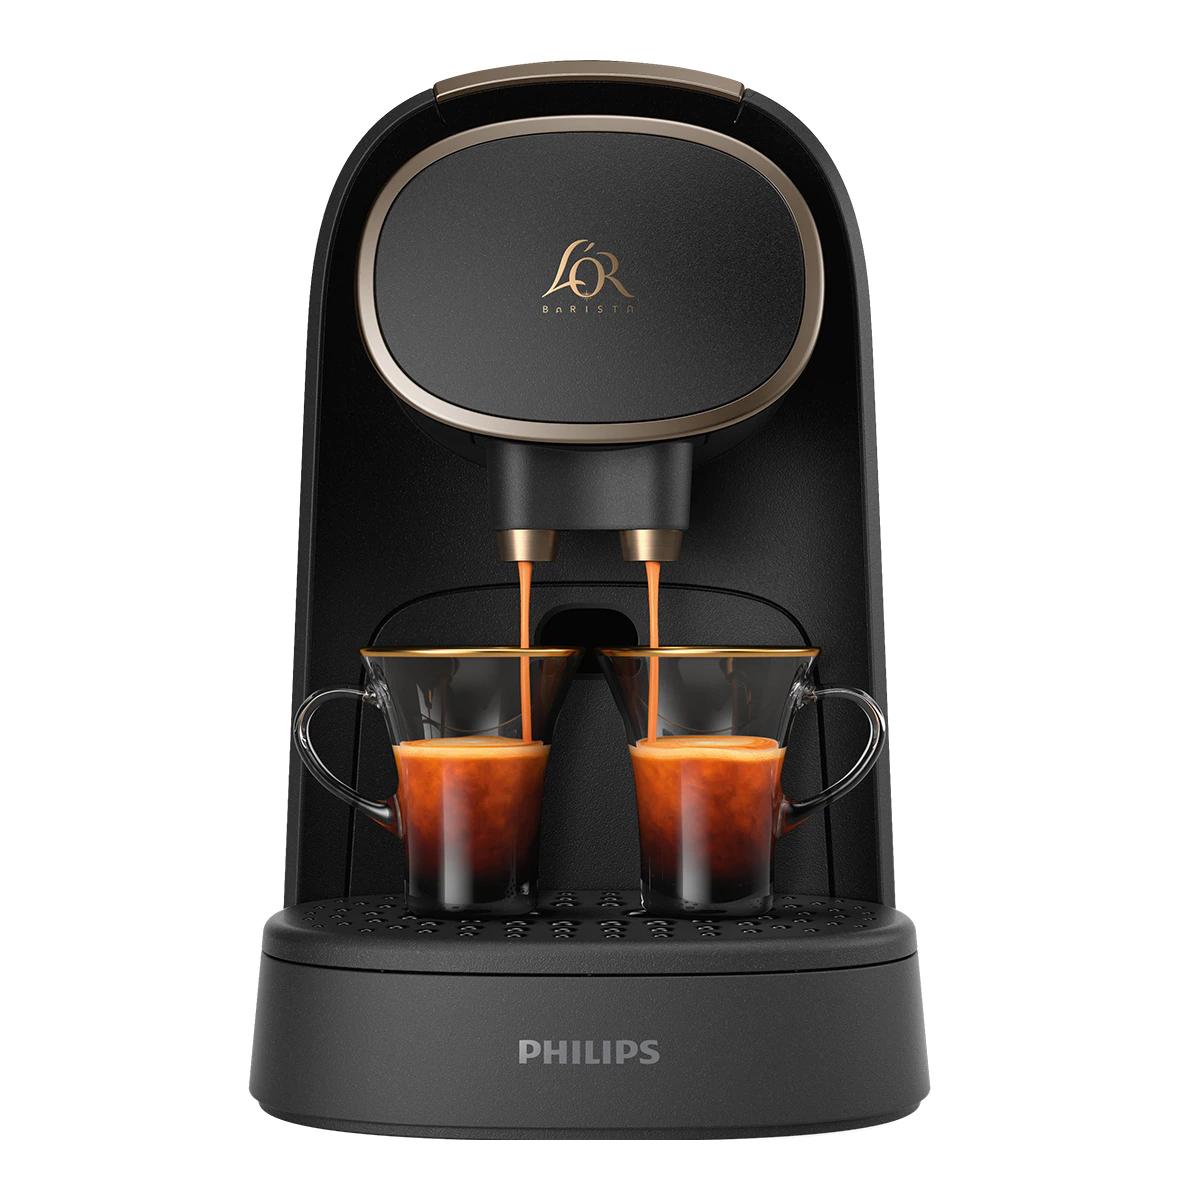 Cafetera espresso automática Philips L'OR Barista System Premium LM8016/90 para cápsulas L'OR y Nespresso